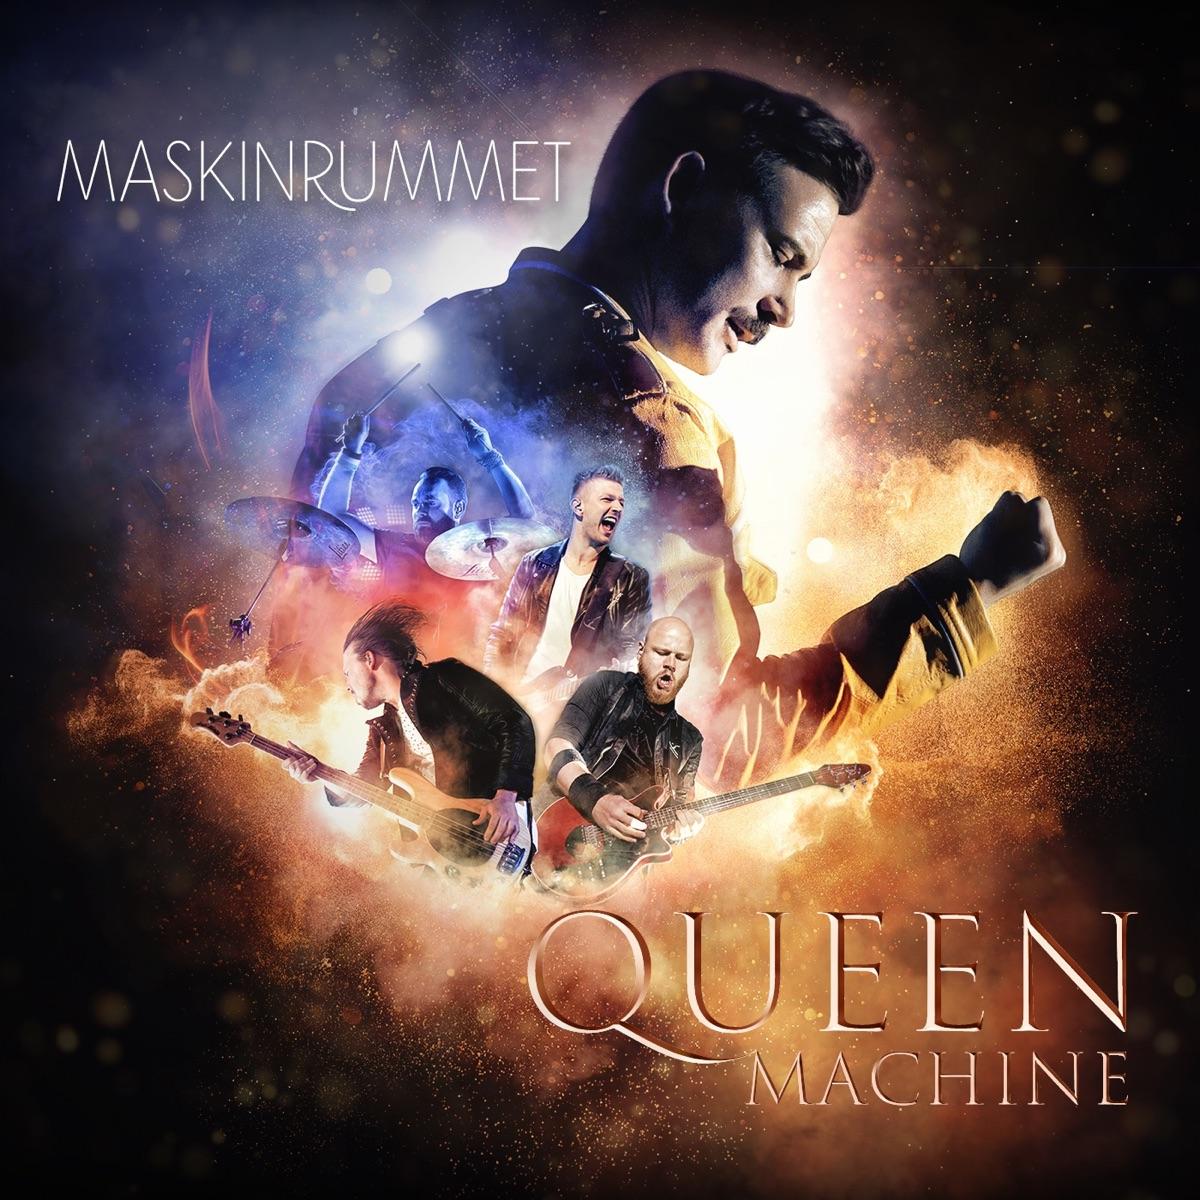 Queen Machine: Maskinrummet